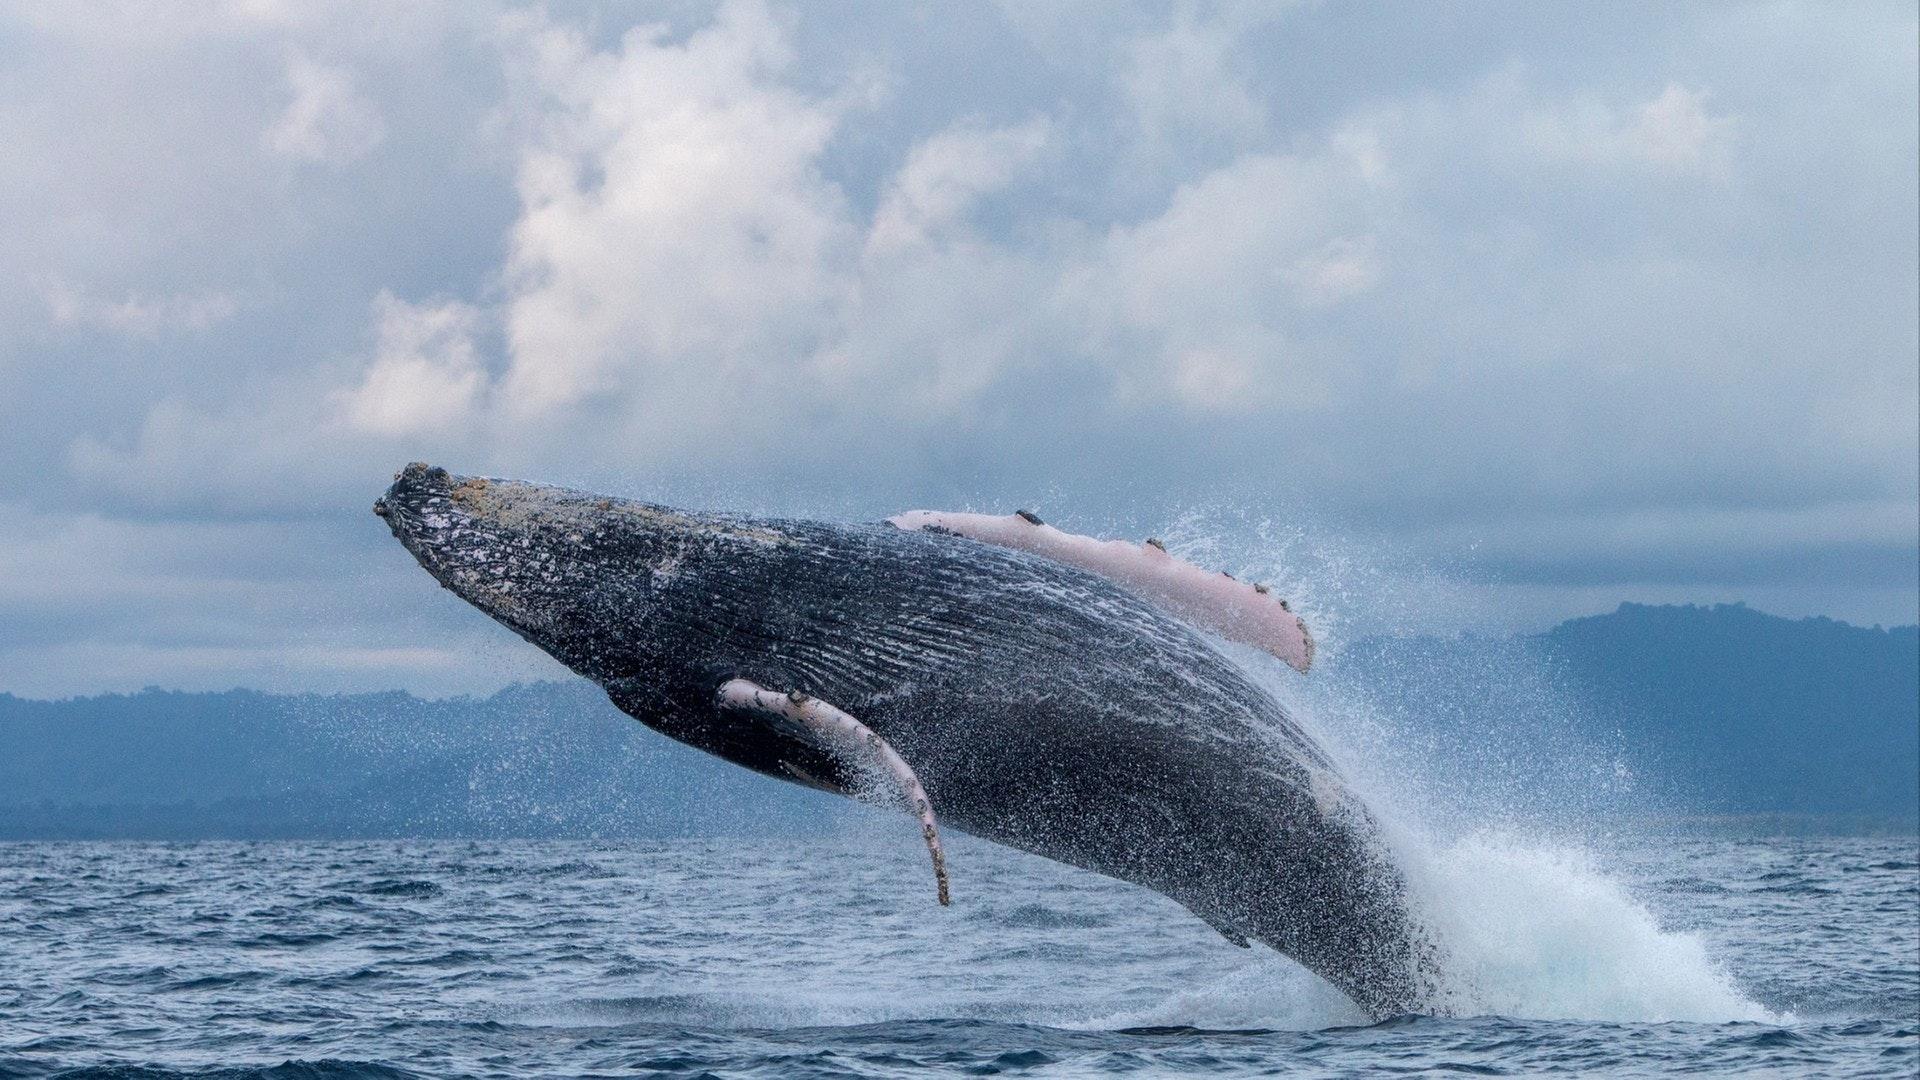 座头鲸跳出水关闭努基在哥伦比亚海岸。